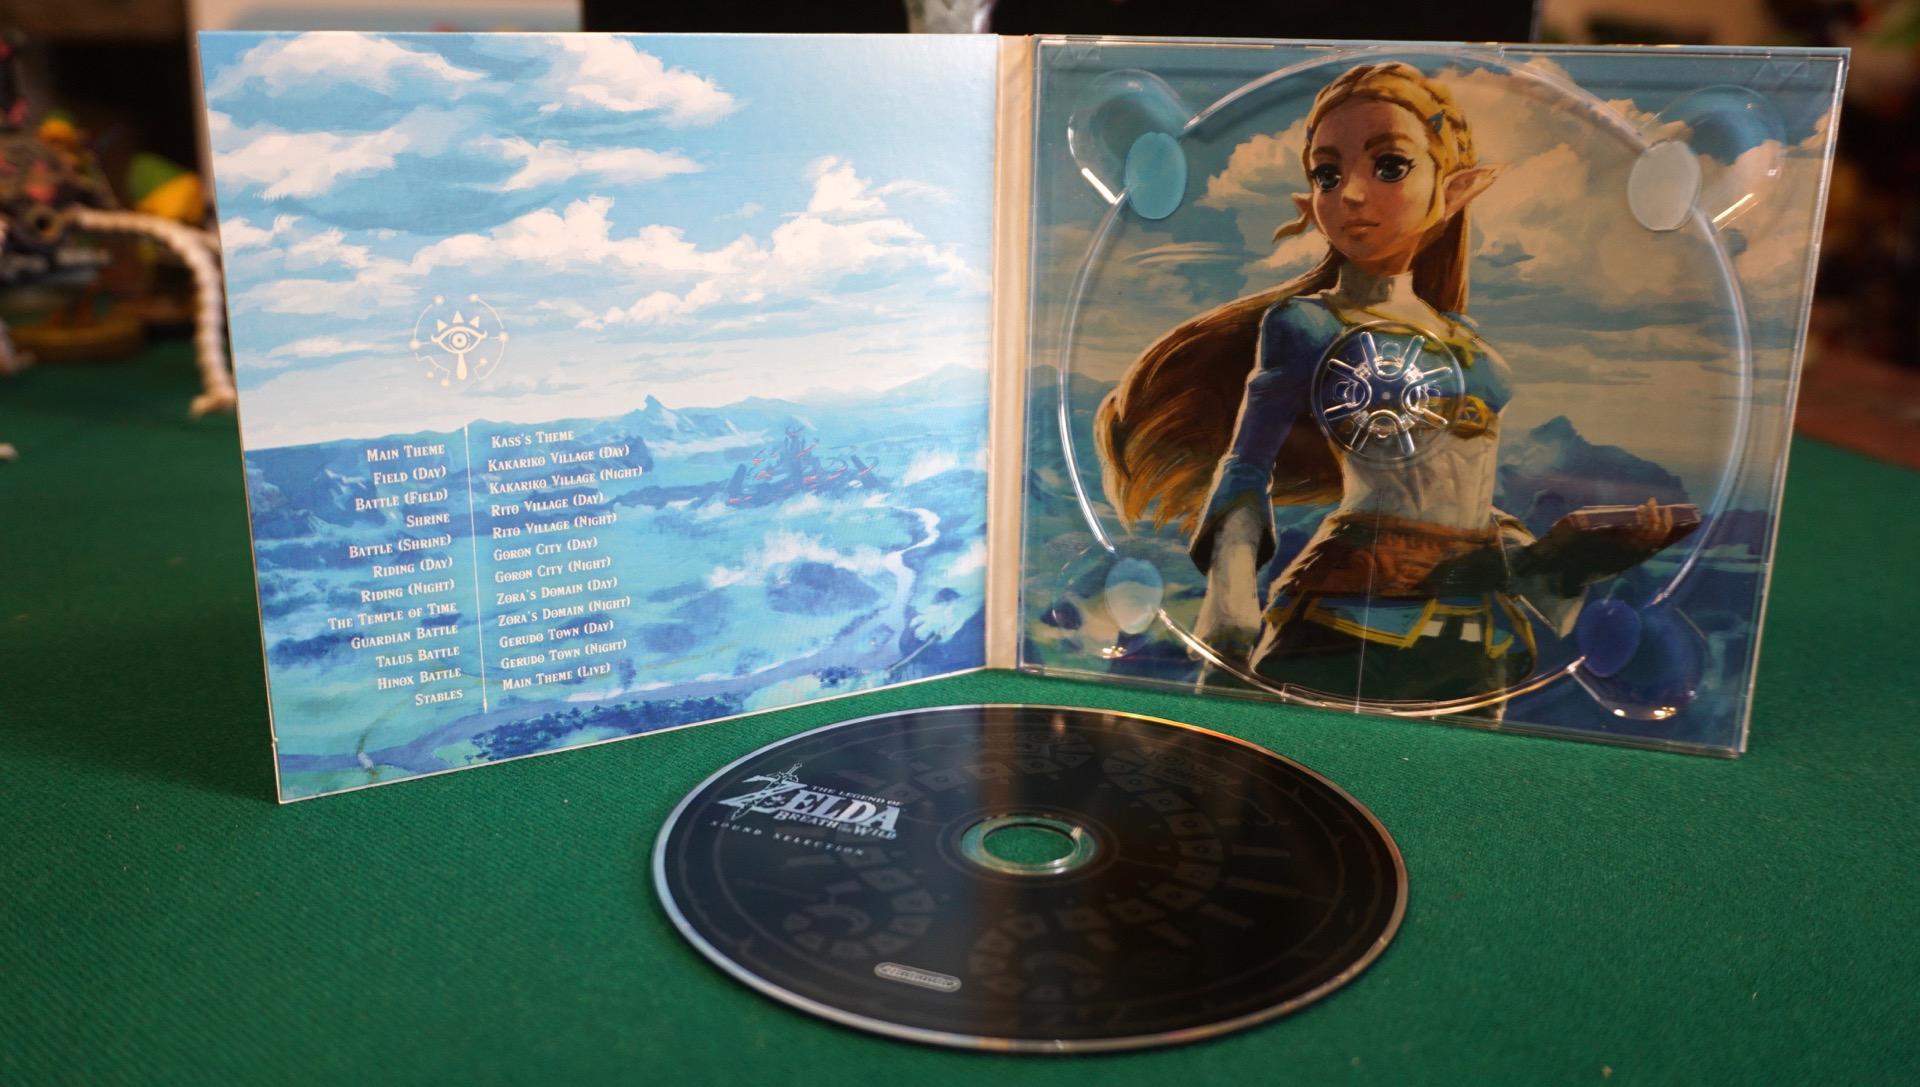 Zelda amiibo unboxing master edition37